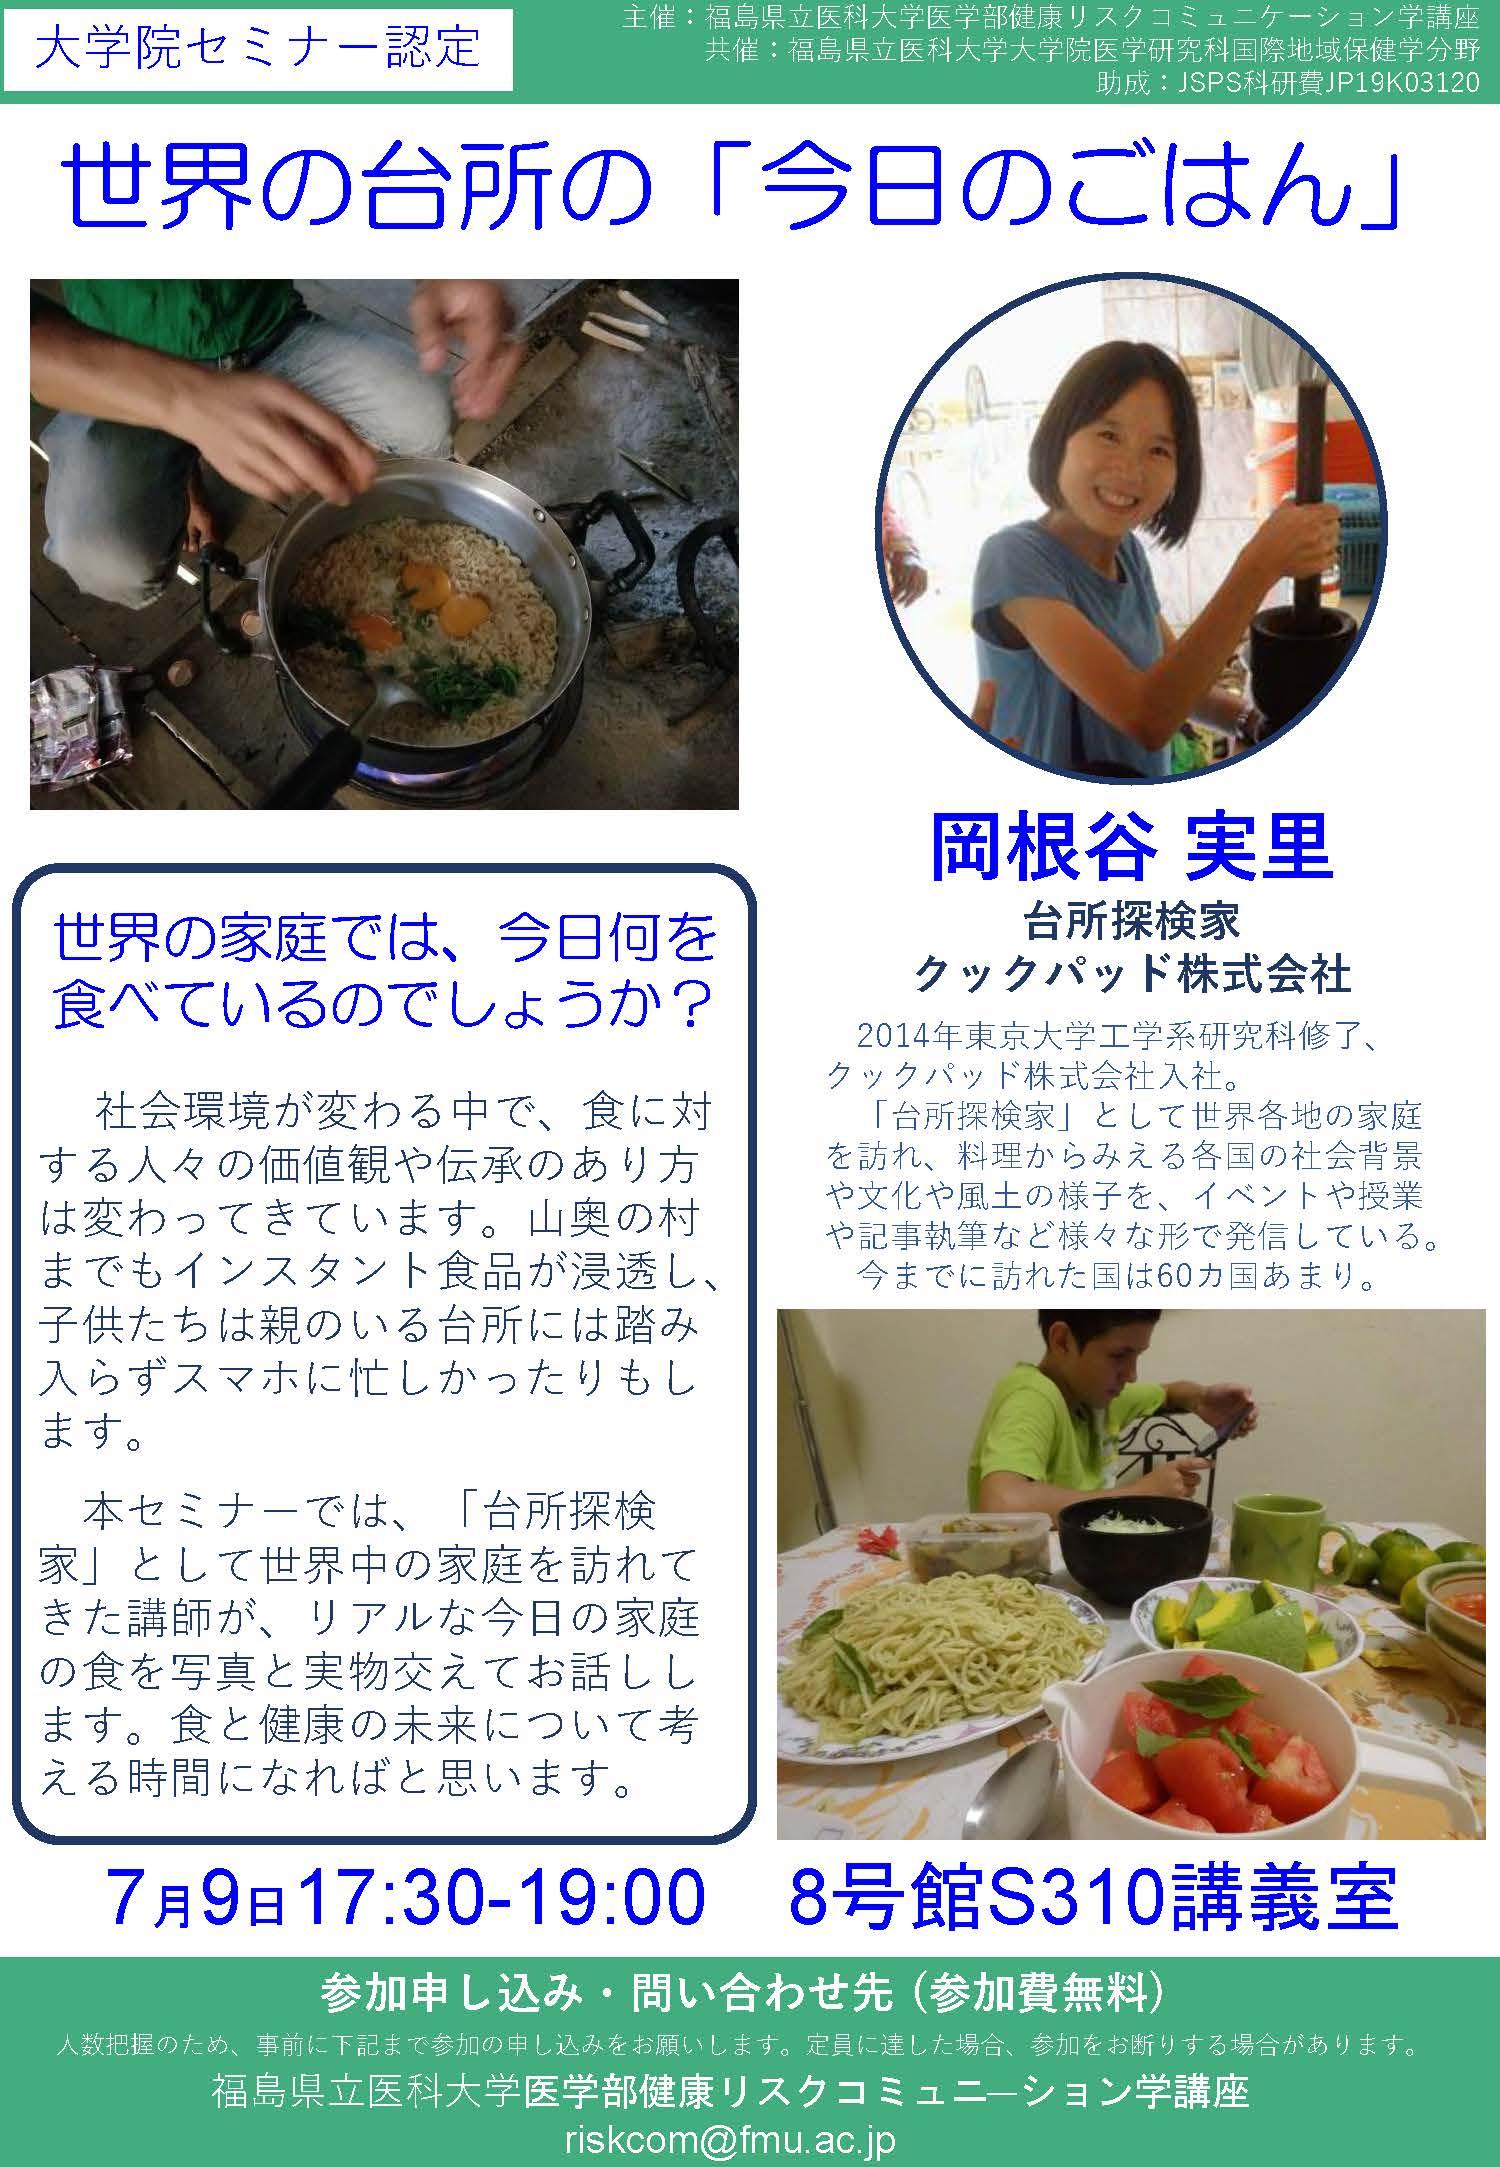 Okaneya_Flyer.jpg